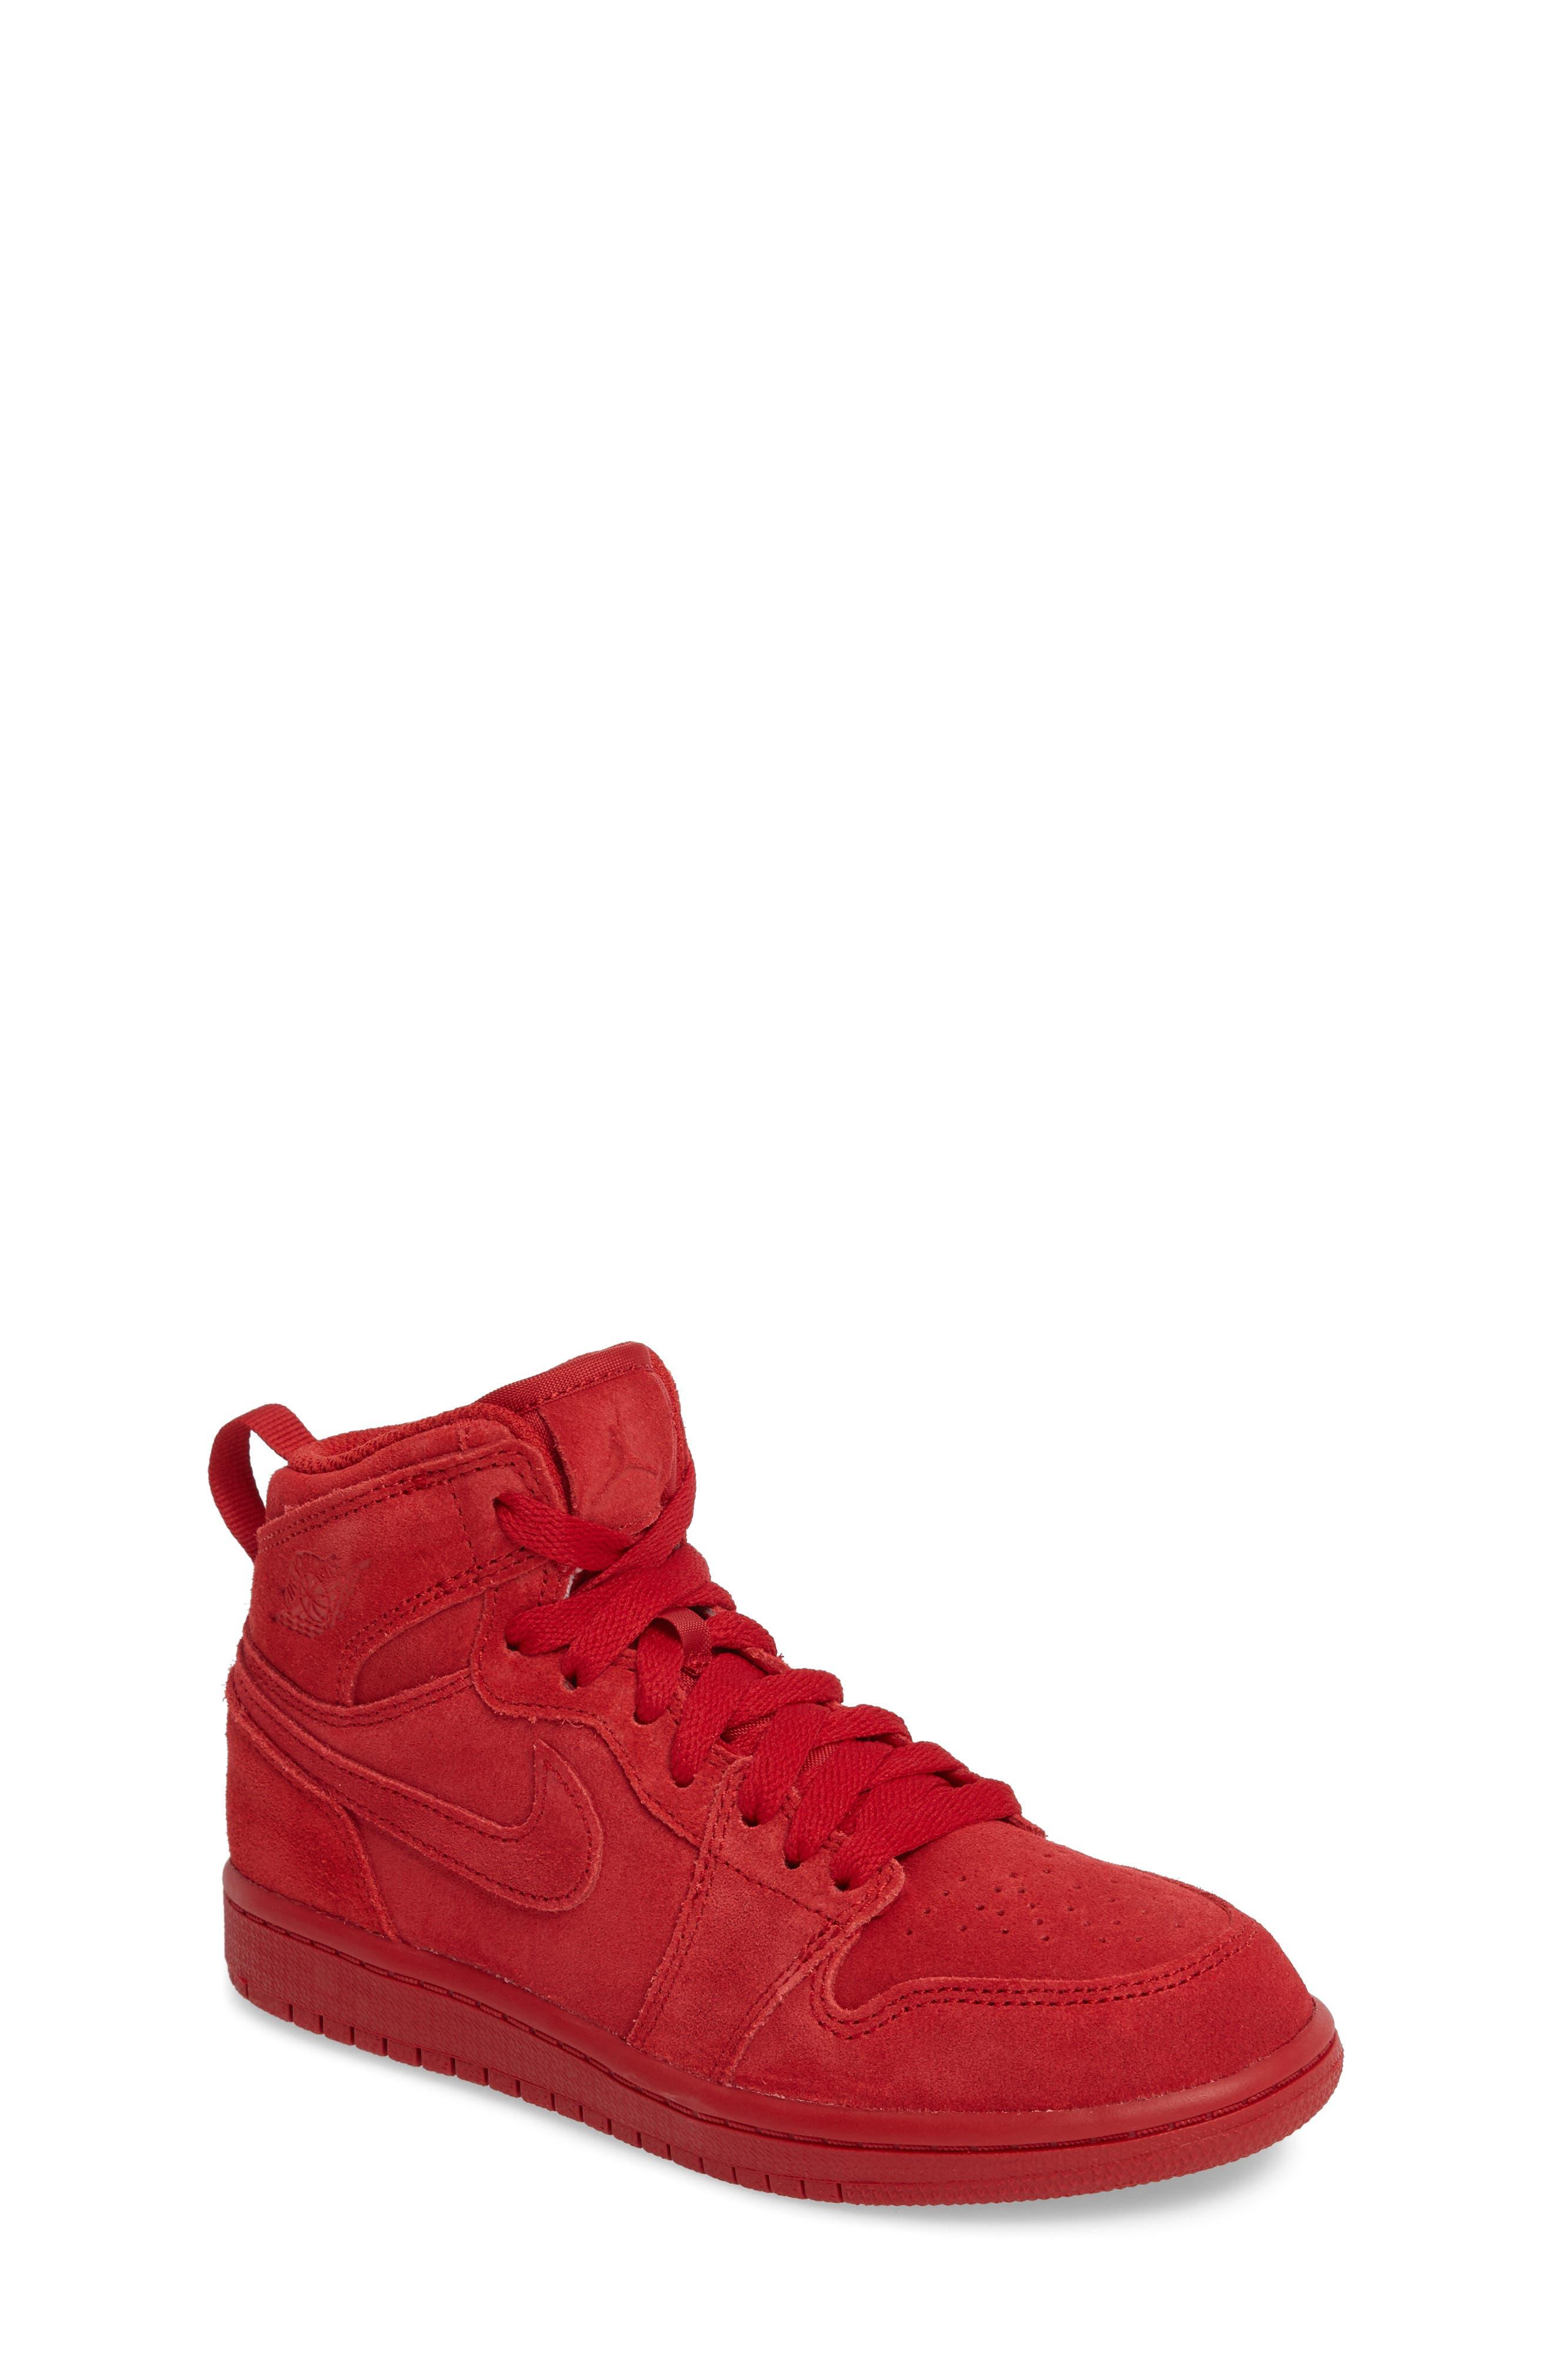 Nike 'Jordan 1 Retro High' Sneaker (Toddler & Little Kid)